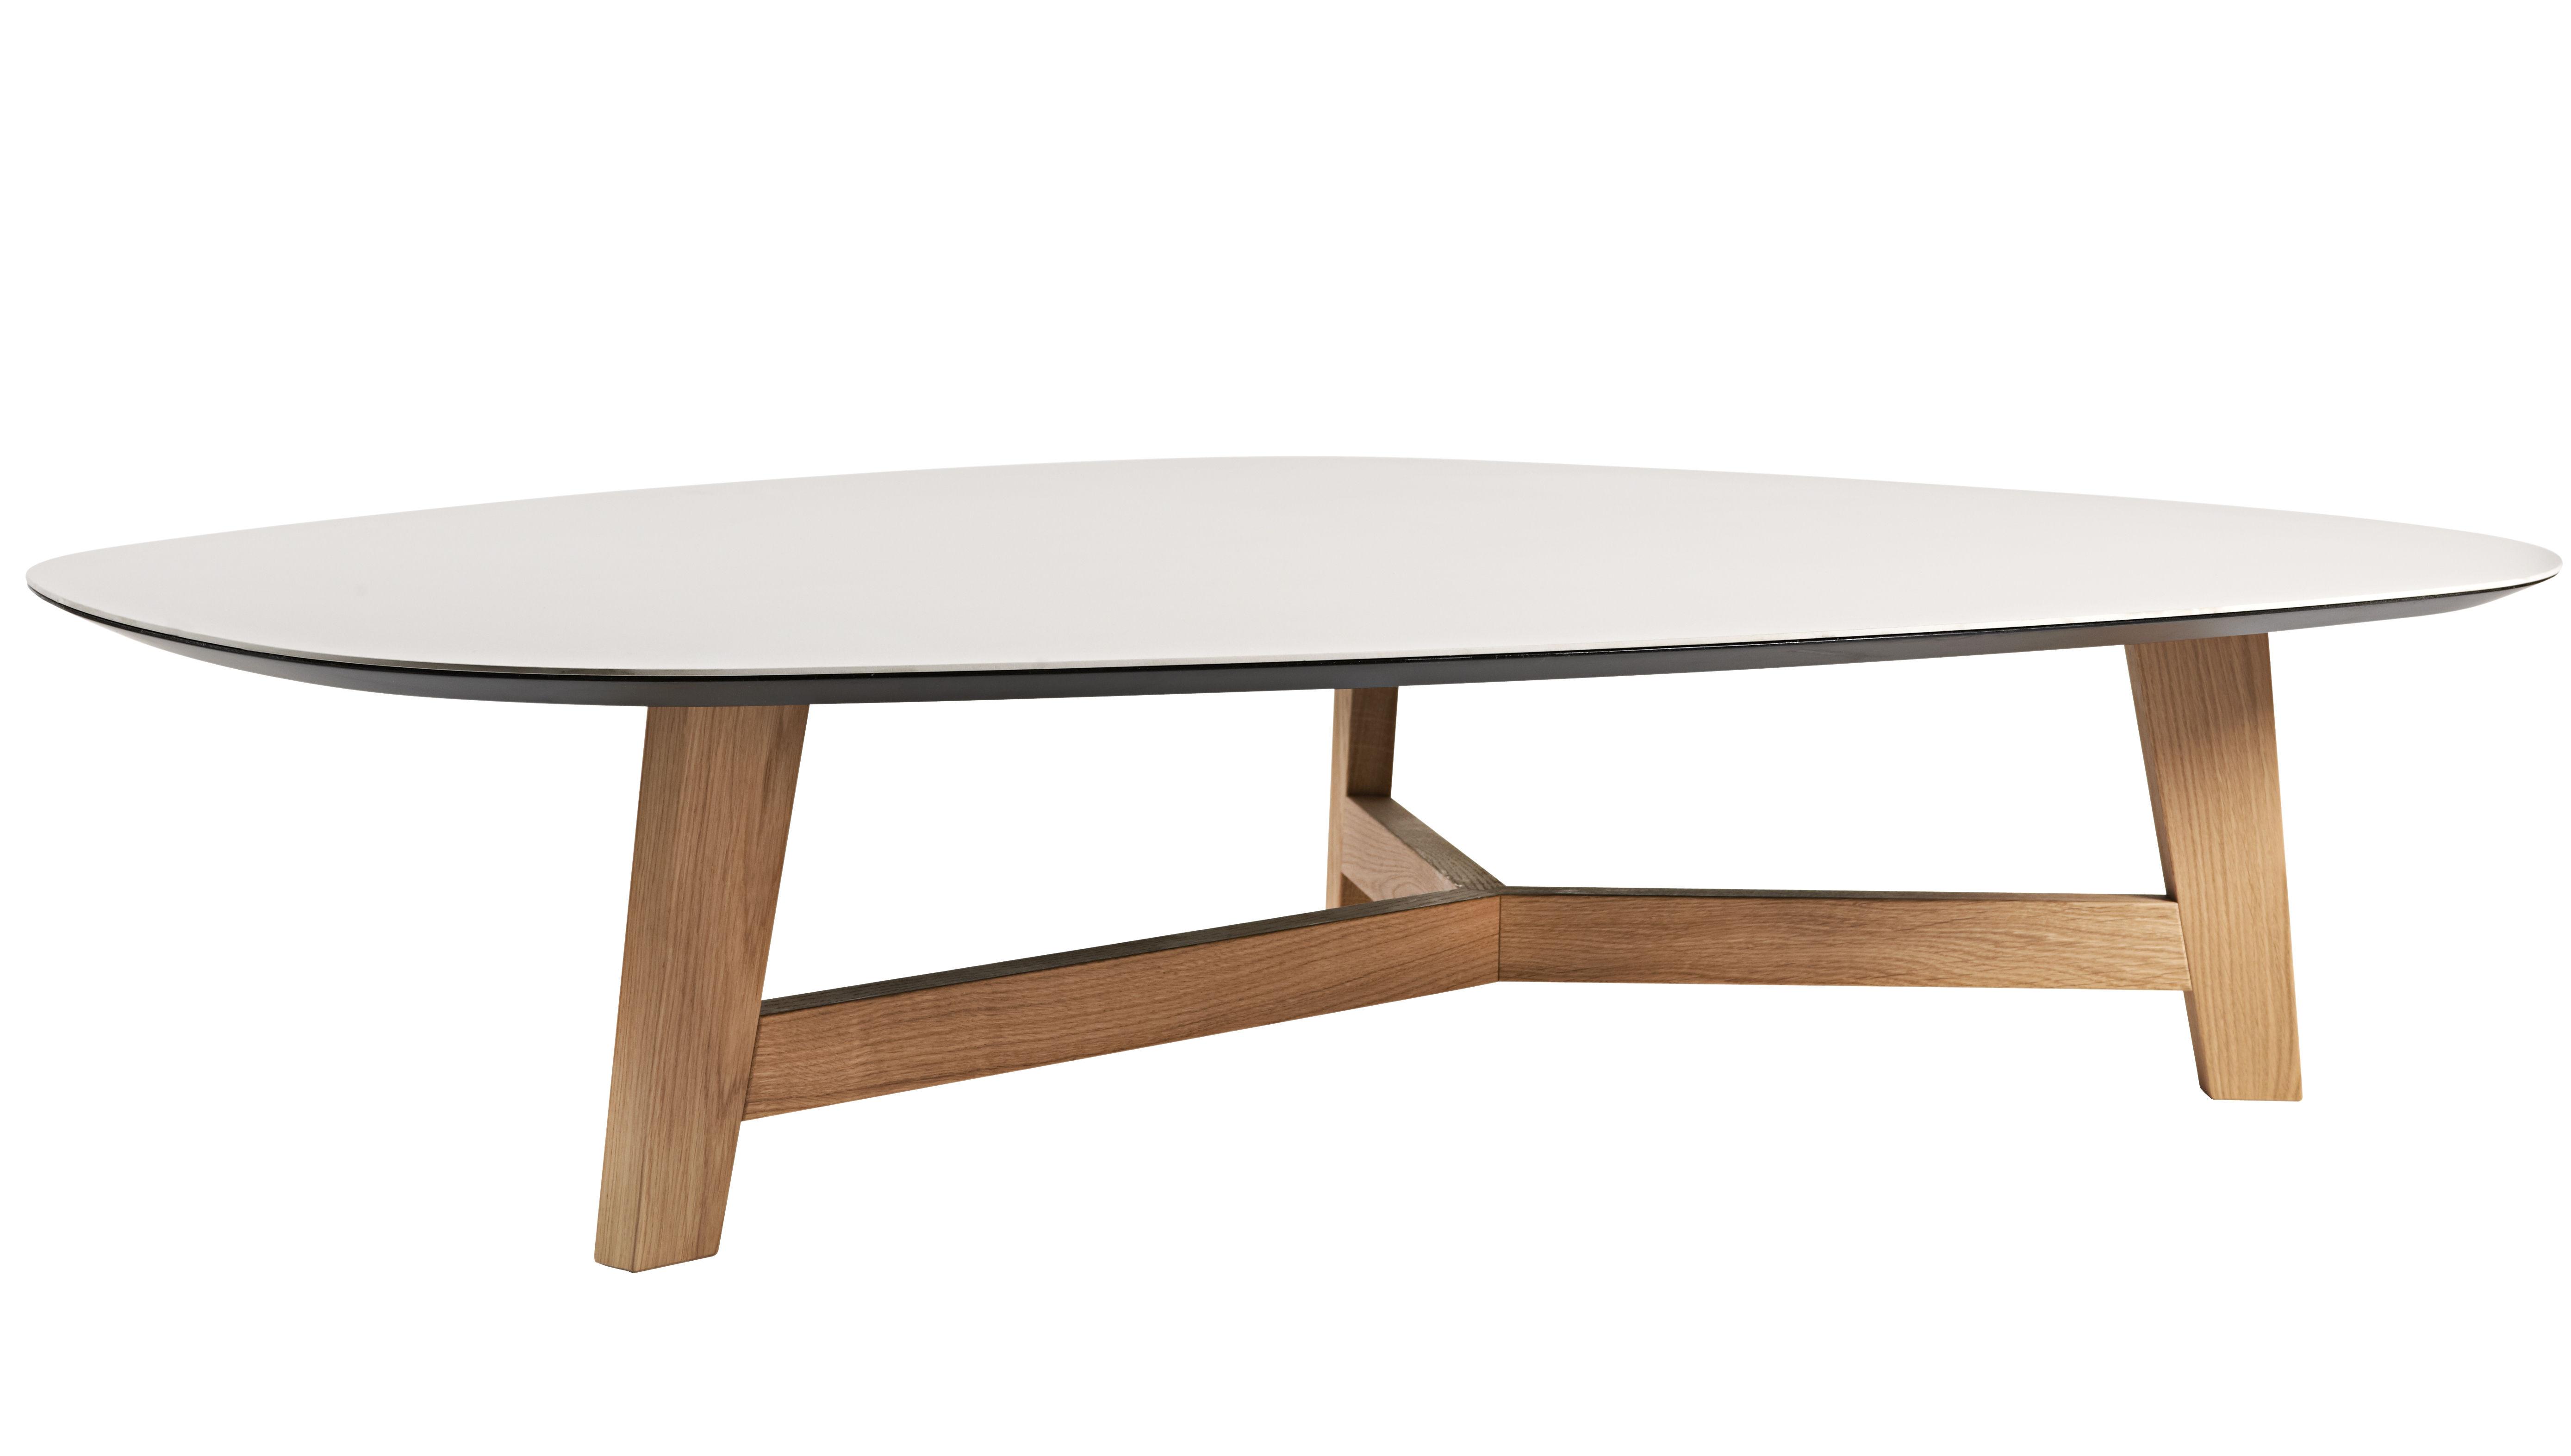 Arredamento - Tavolini  - Tavolino T-Phoenix - / Grande piano - Piede rovere di Moroso - Piano grigio chiaro / Piede rovere naturale - Ceramica, MDF, Rovere naturale